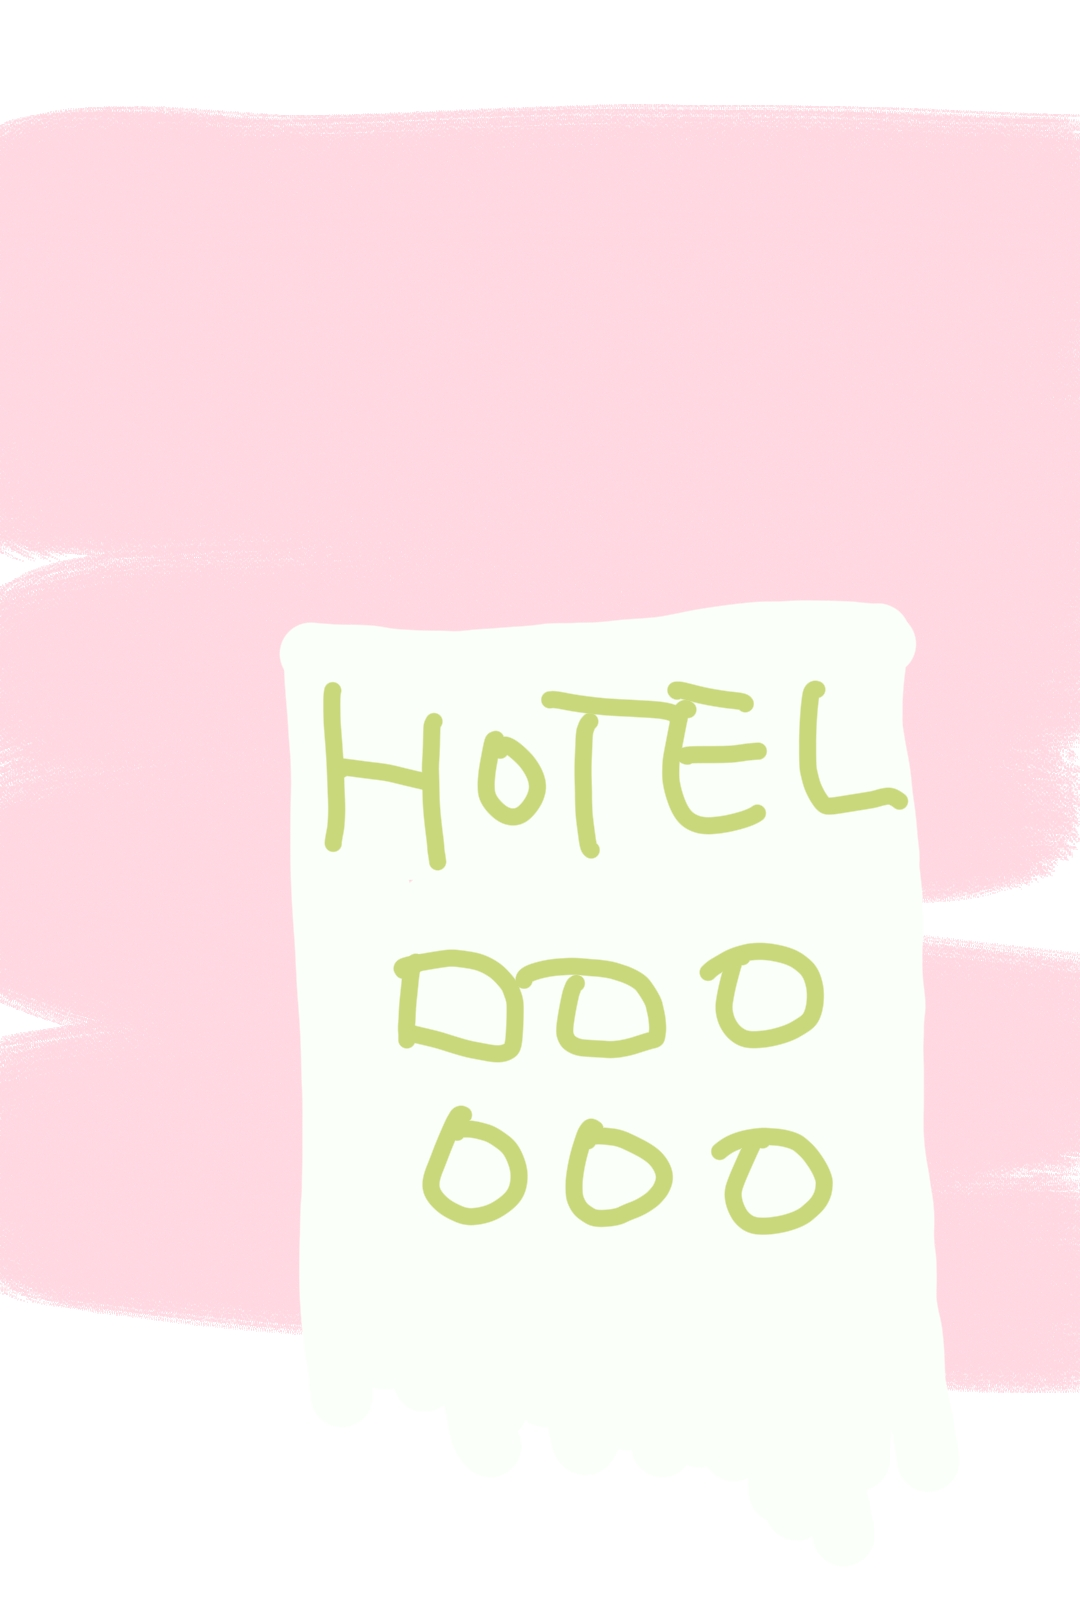 心霊現象・刺されて逃げ込んだ男女【ビジネスホテルの裏話②】